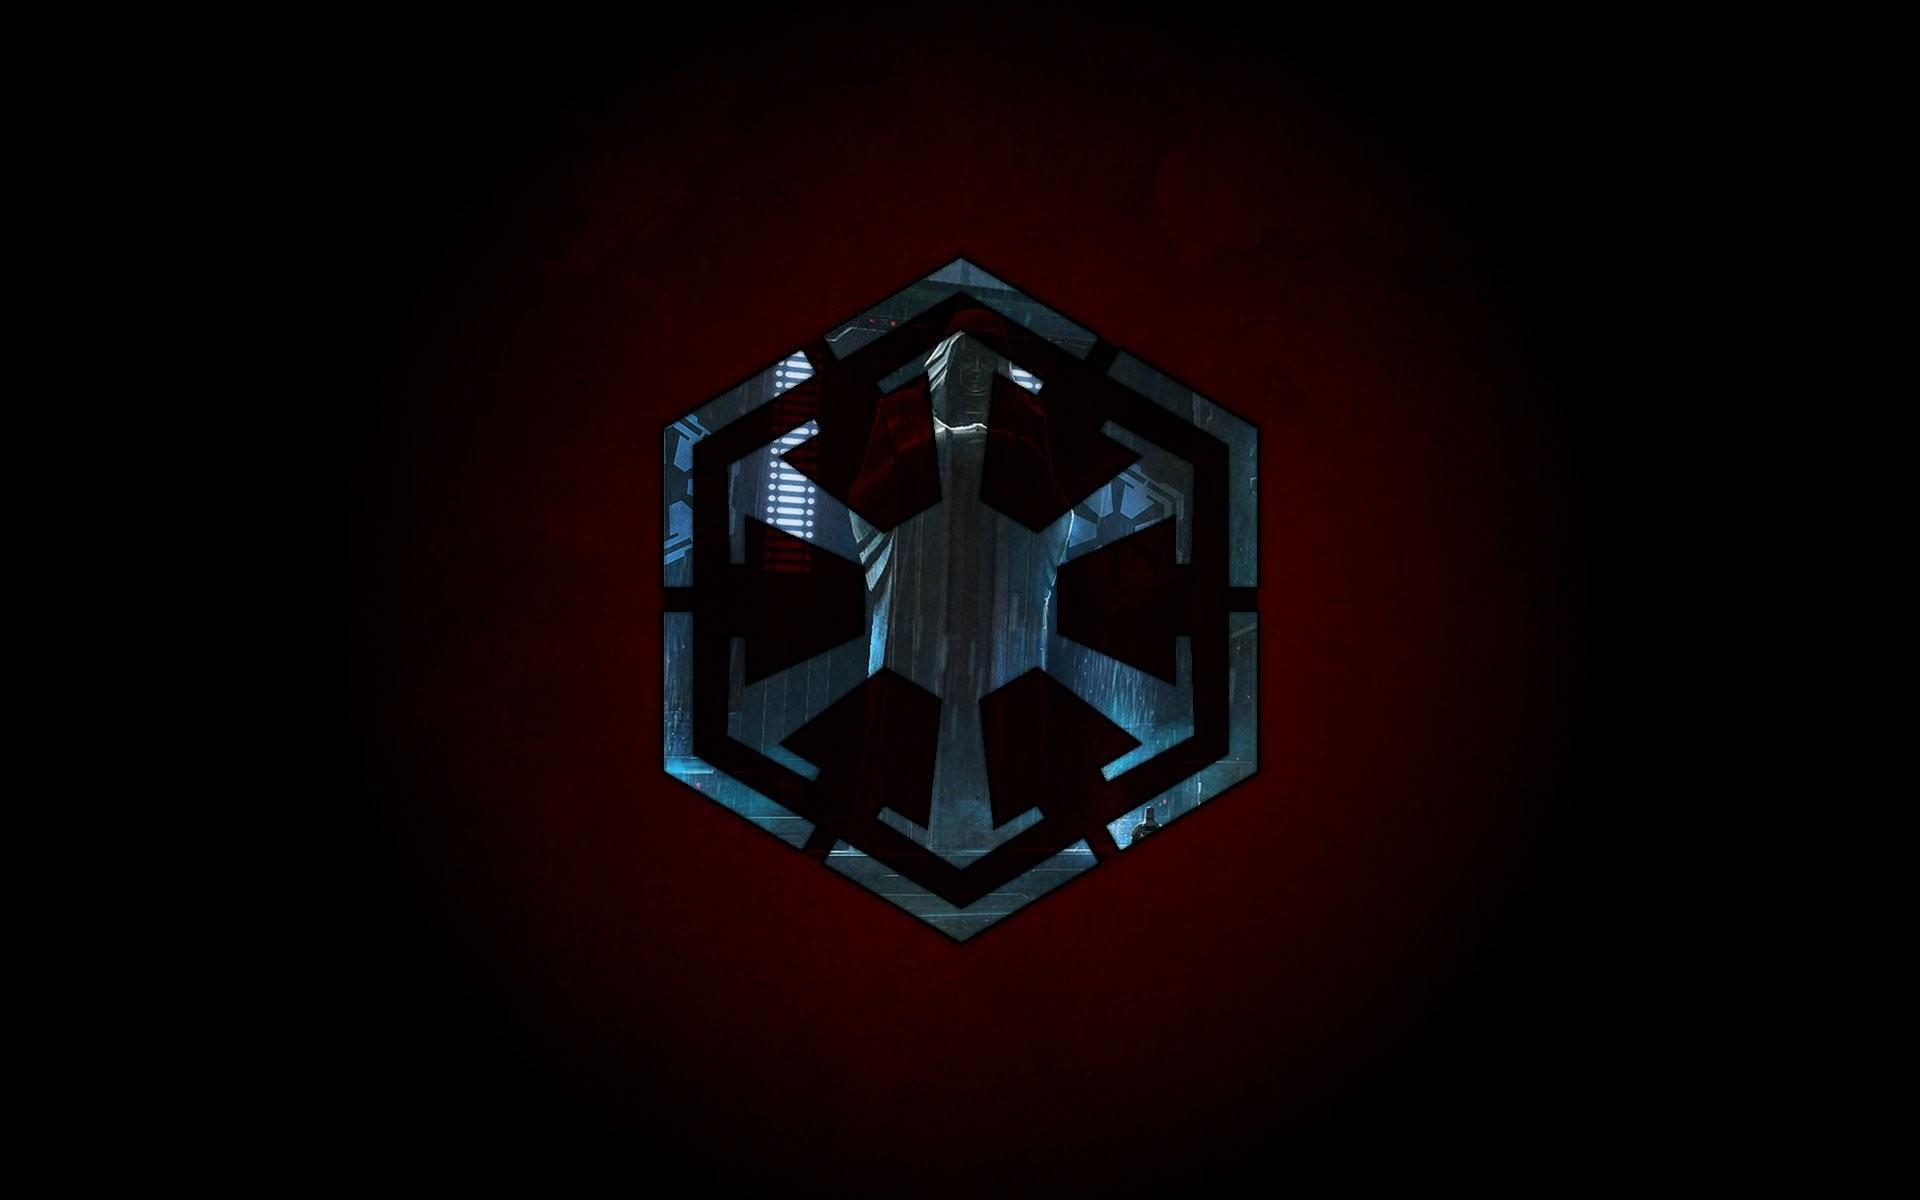 Sith Emblem Wallpaper 70 Images